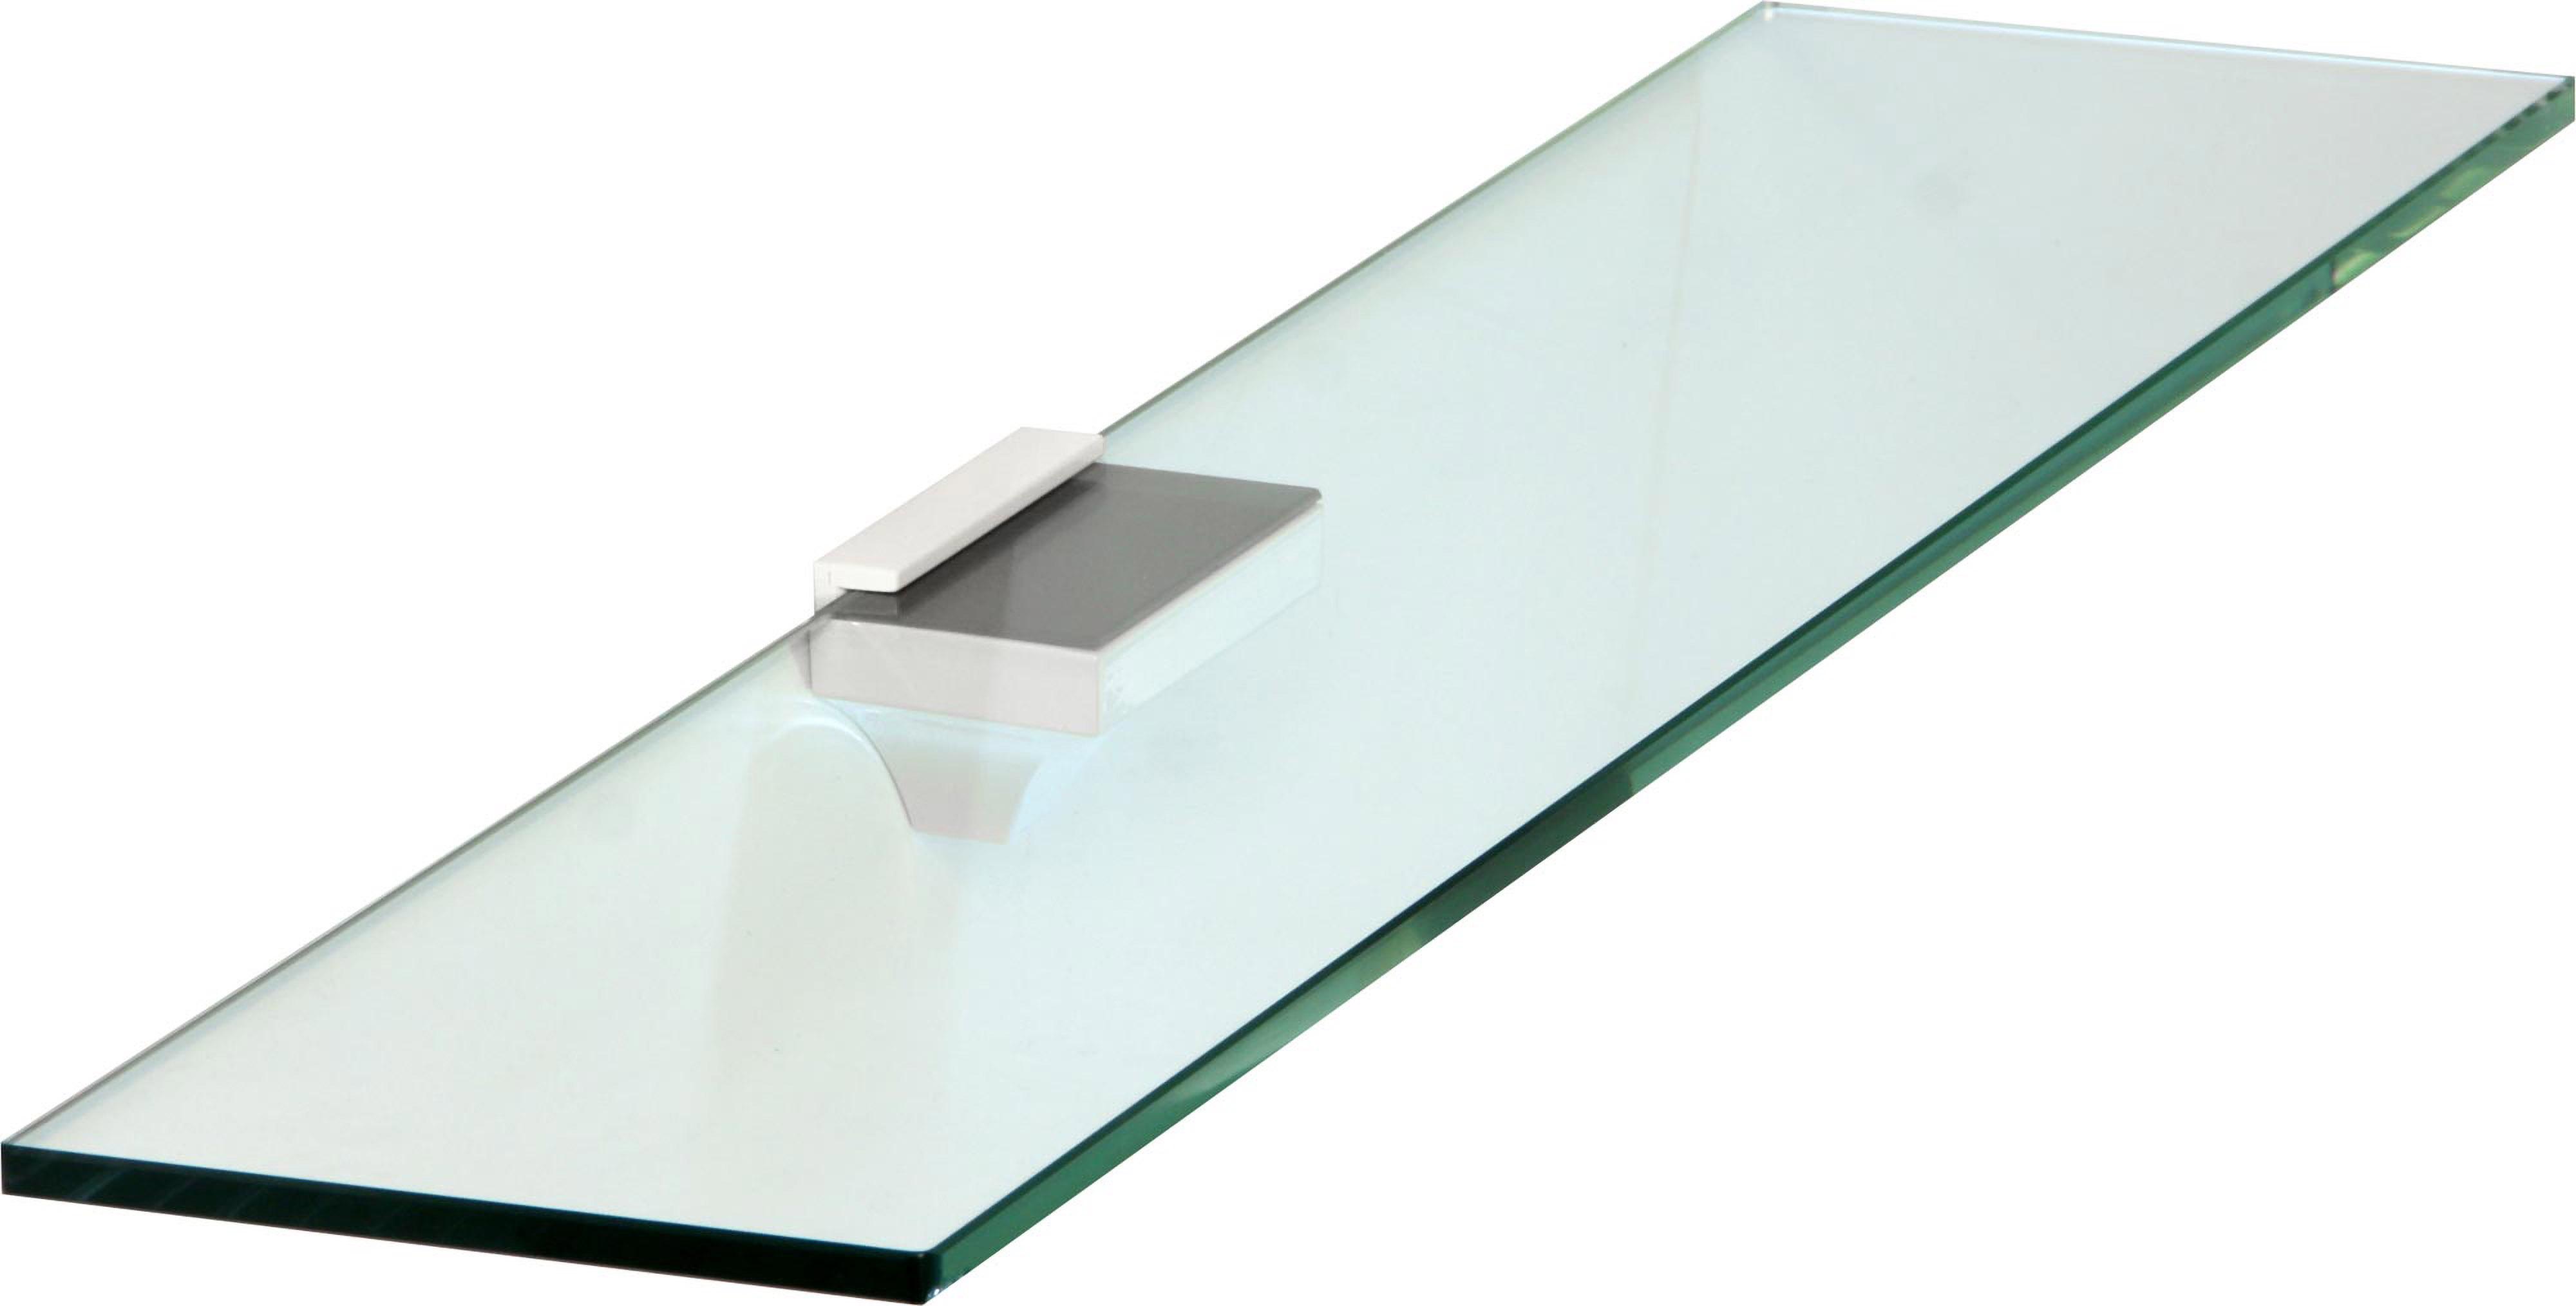 wandregal 8 mm bigclip centro 9 gr en klarglas satiniert glasregal regal ablage ebay. Black Bedroom Furniture Sets. Home Design Ideas